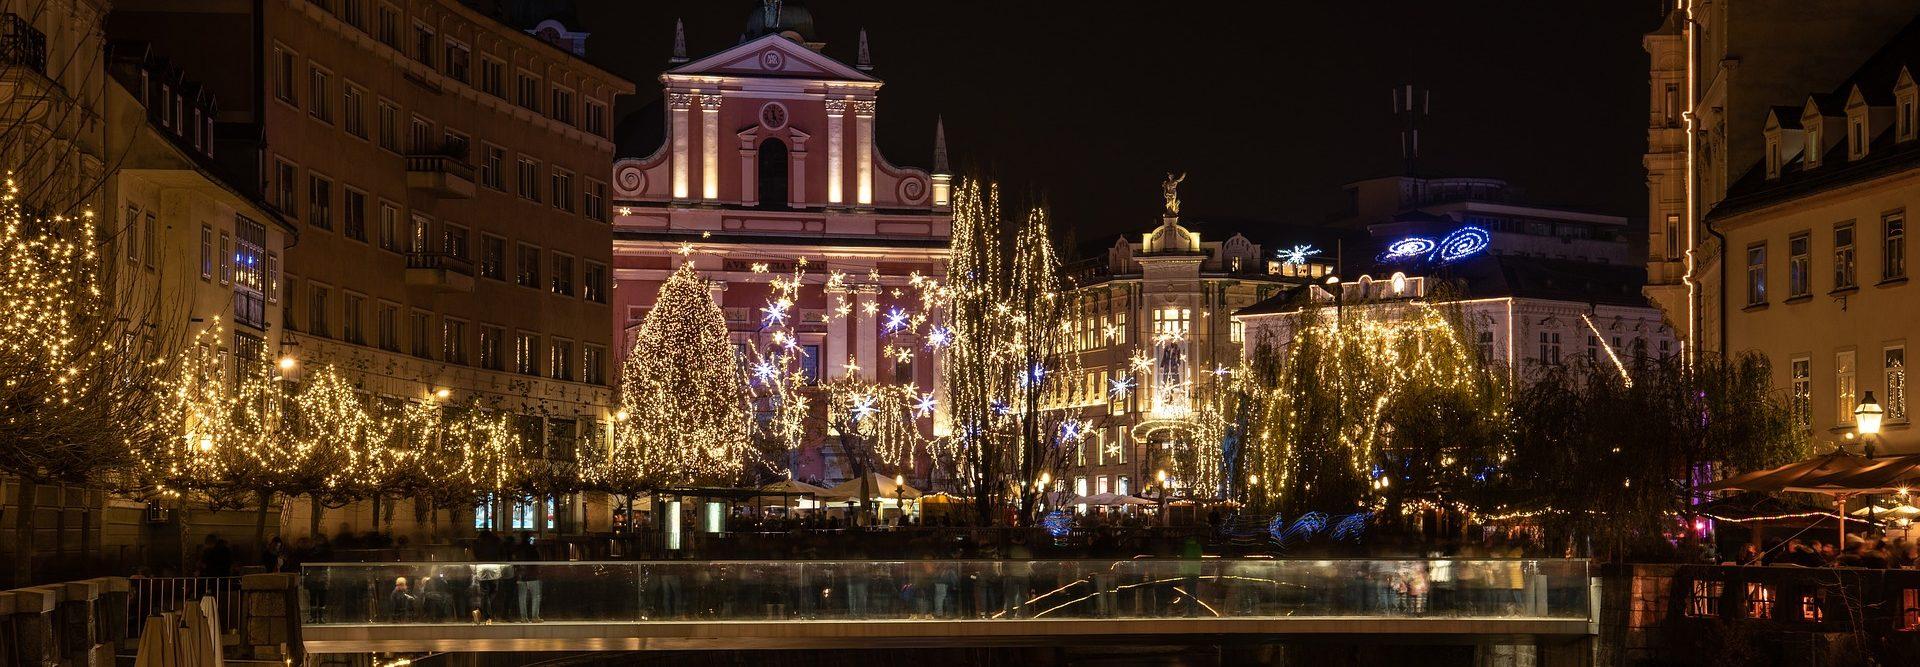 Новый год и Рождество в Любляна Словения